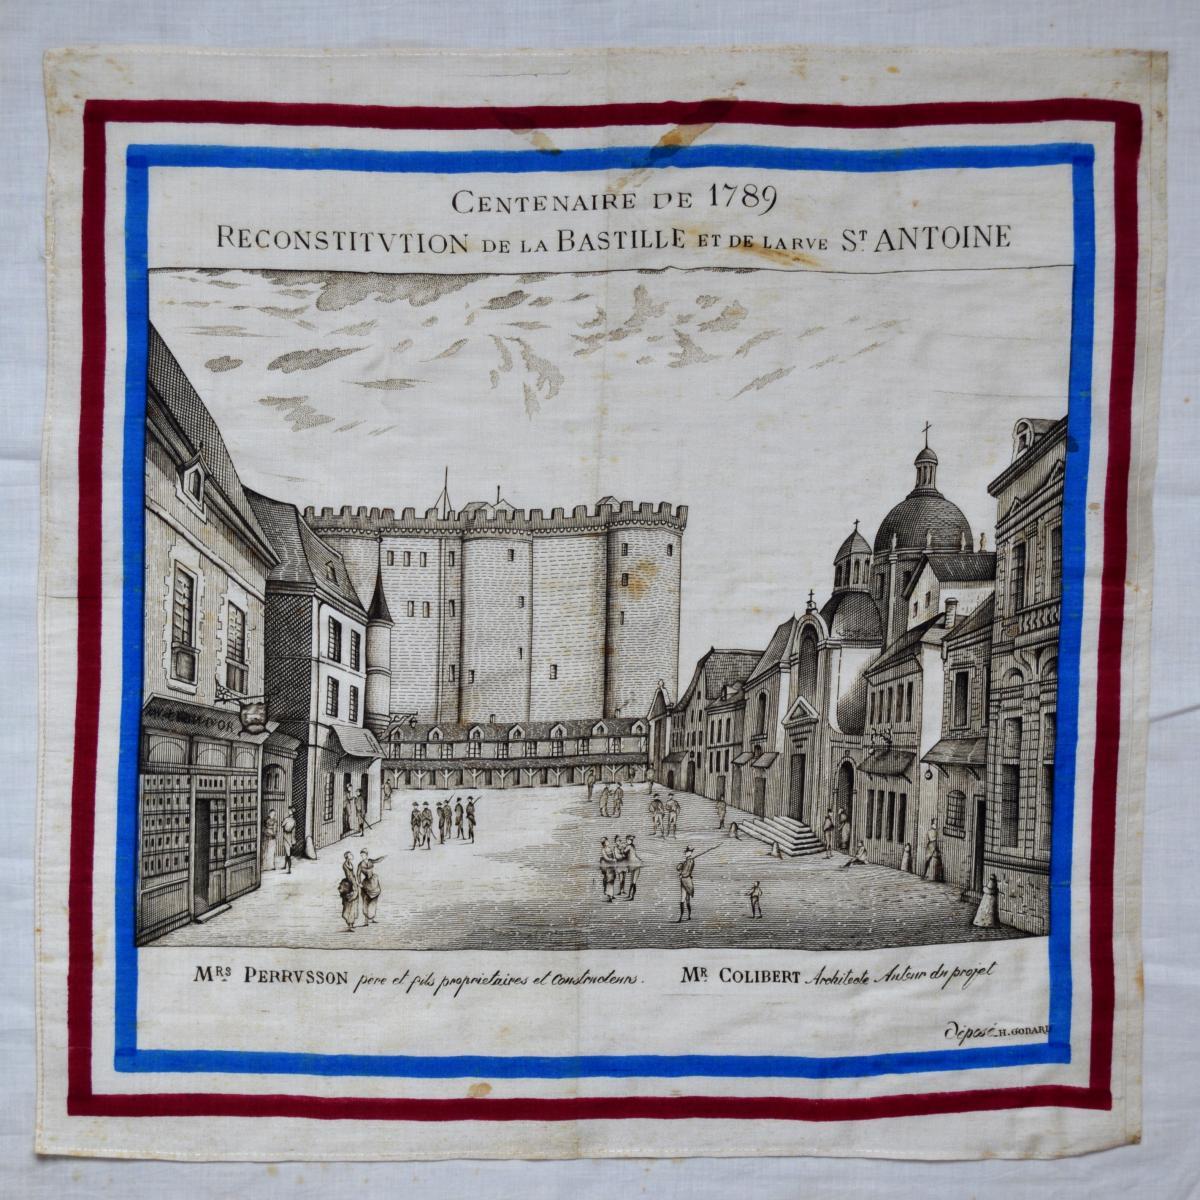 Mouchoir Centenaire De 1789 Reconstitution De La Bastille Et De La Rue Saint-antoine